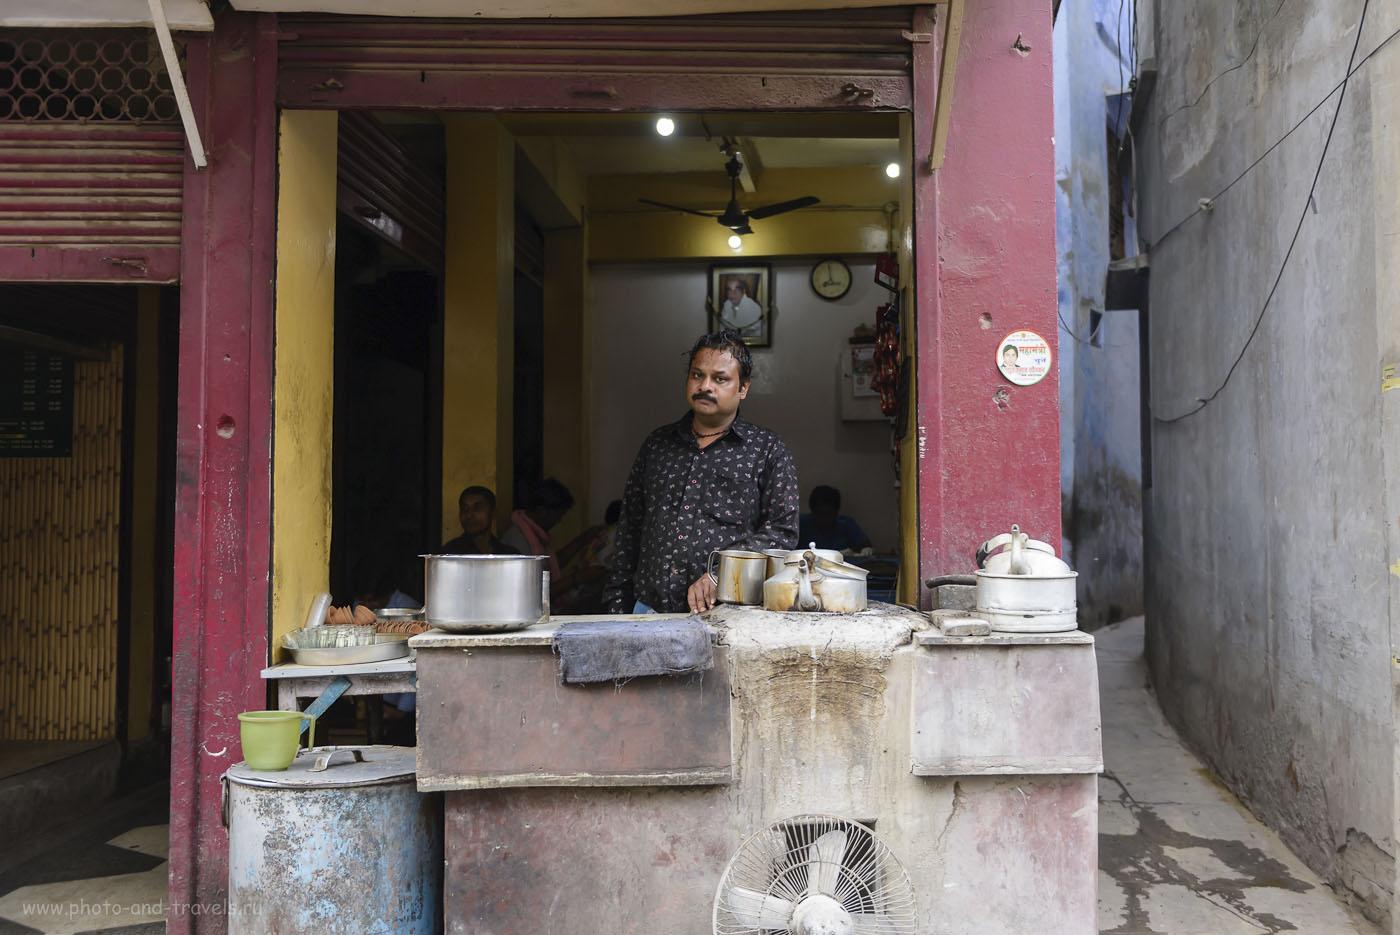 Фото 5. Хозяин уличного кафе в Варанаси. Тур в Индию. Отзывы туристов. 1/100, -0.33, 2.8, 250, 32.